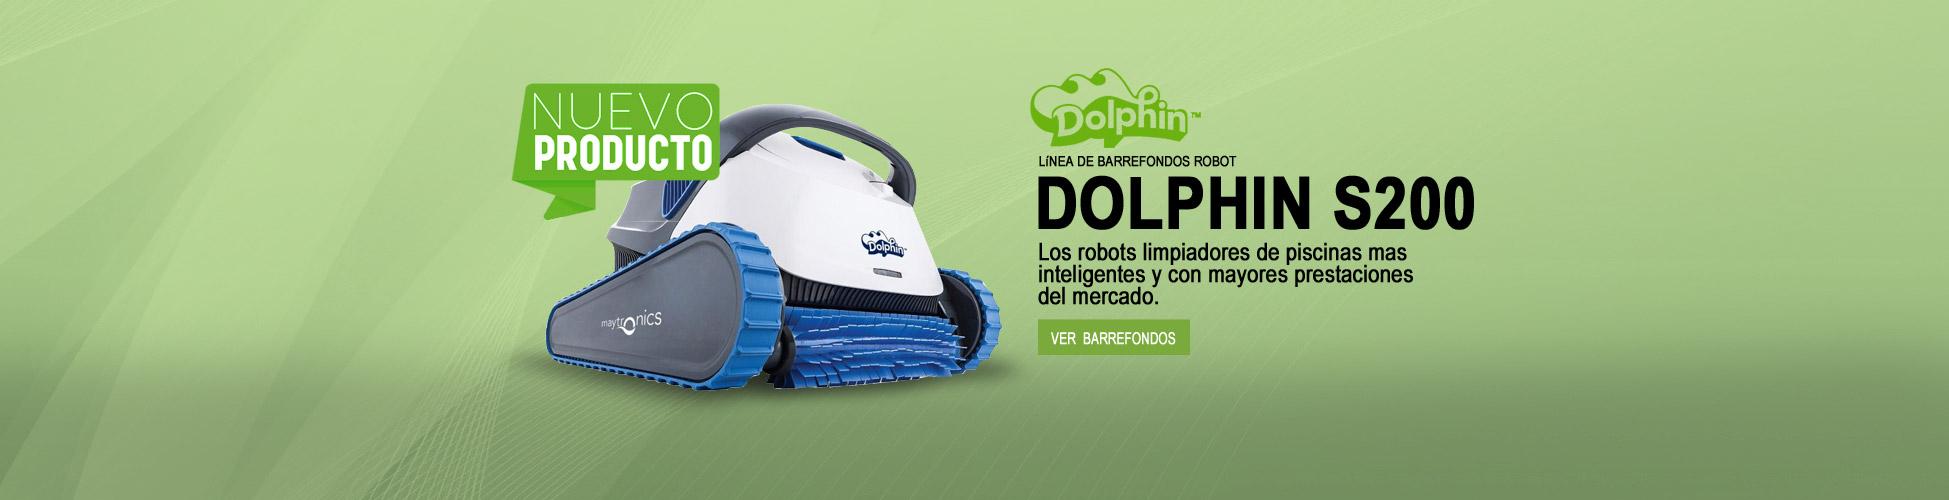 splash-dolphins200